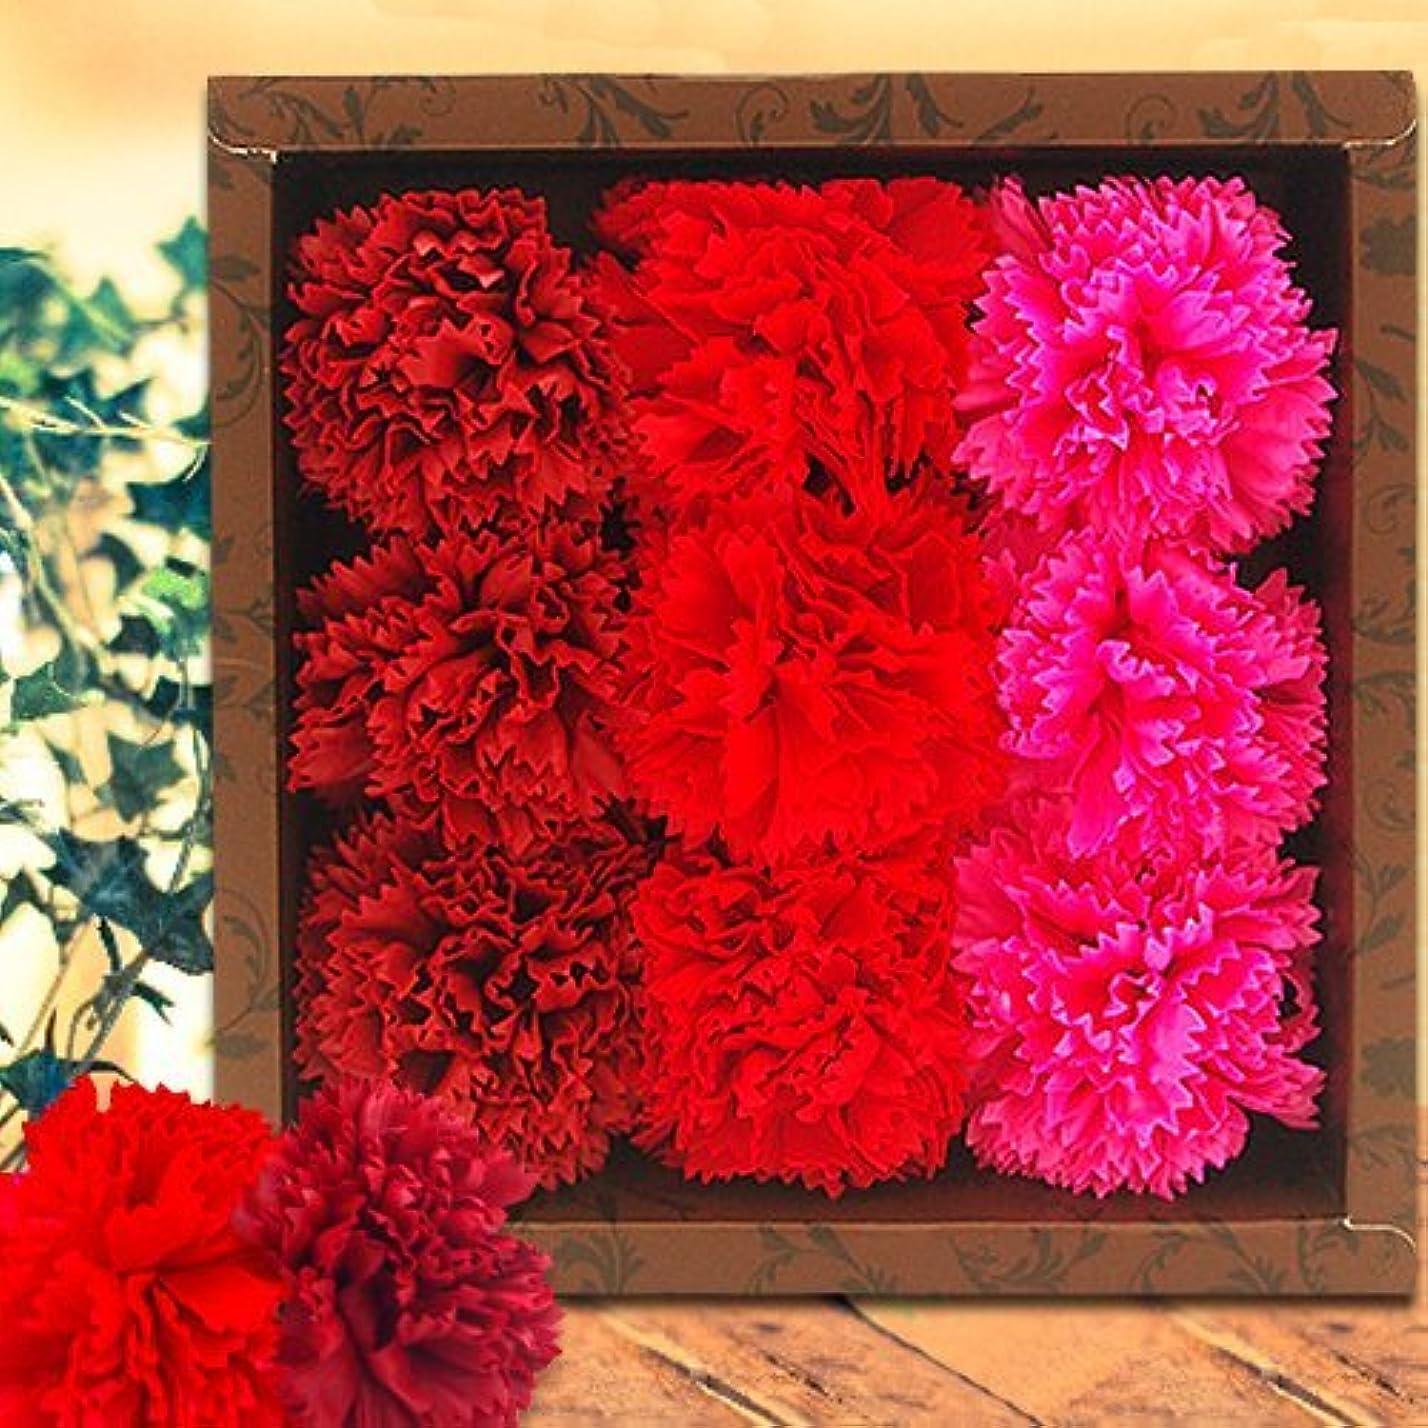 政治家元のいらいらするフラワーフレグランス(Carnation/Red)